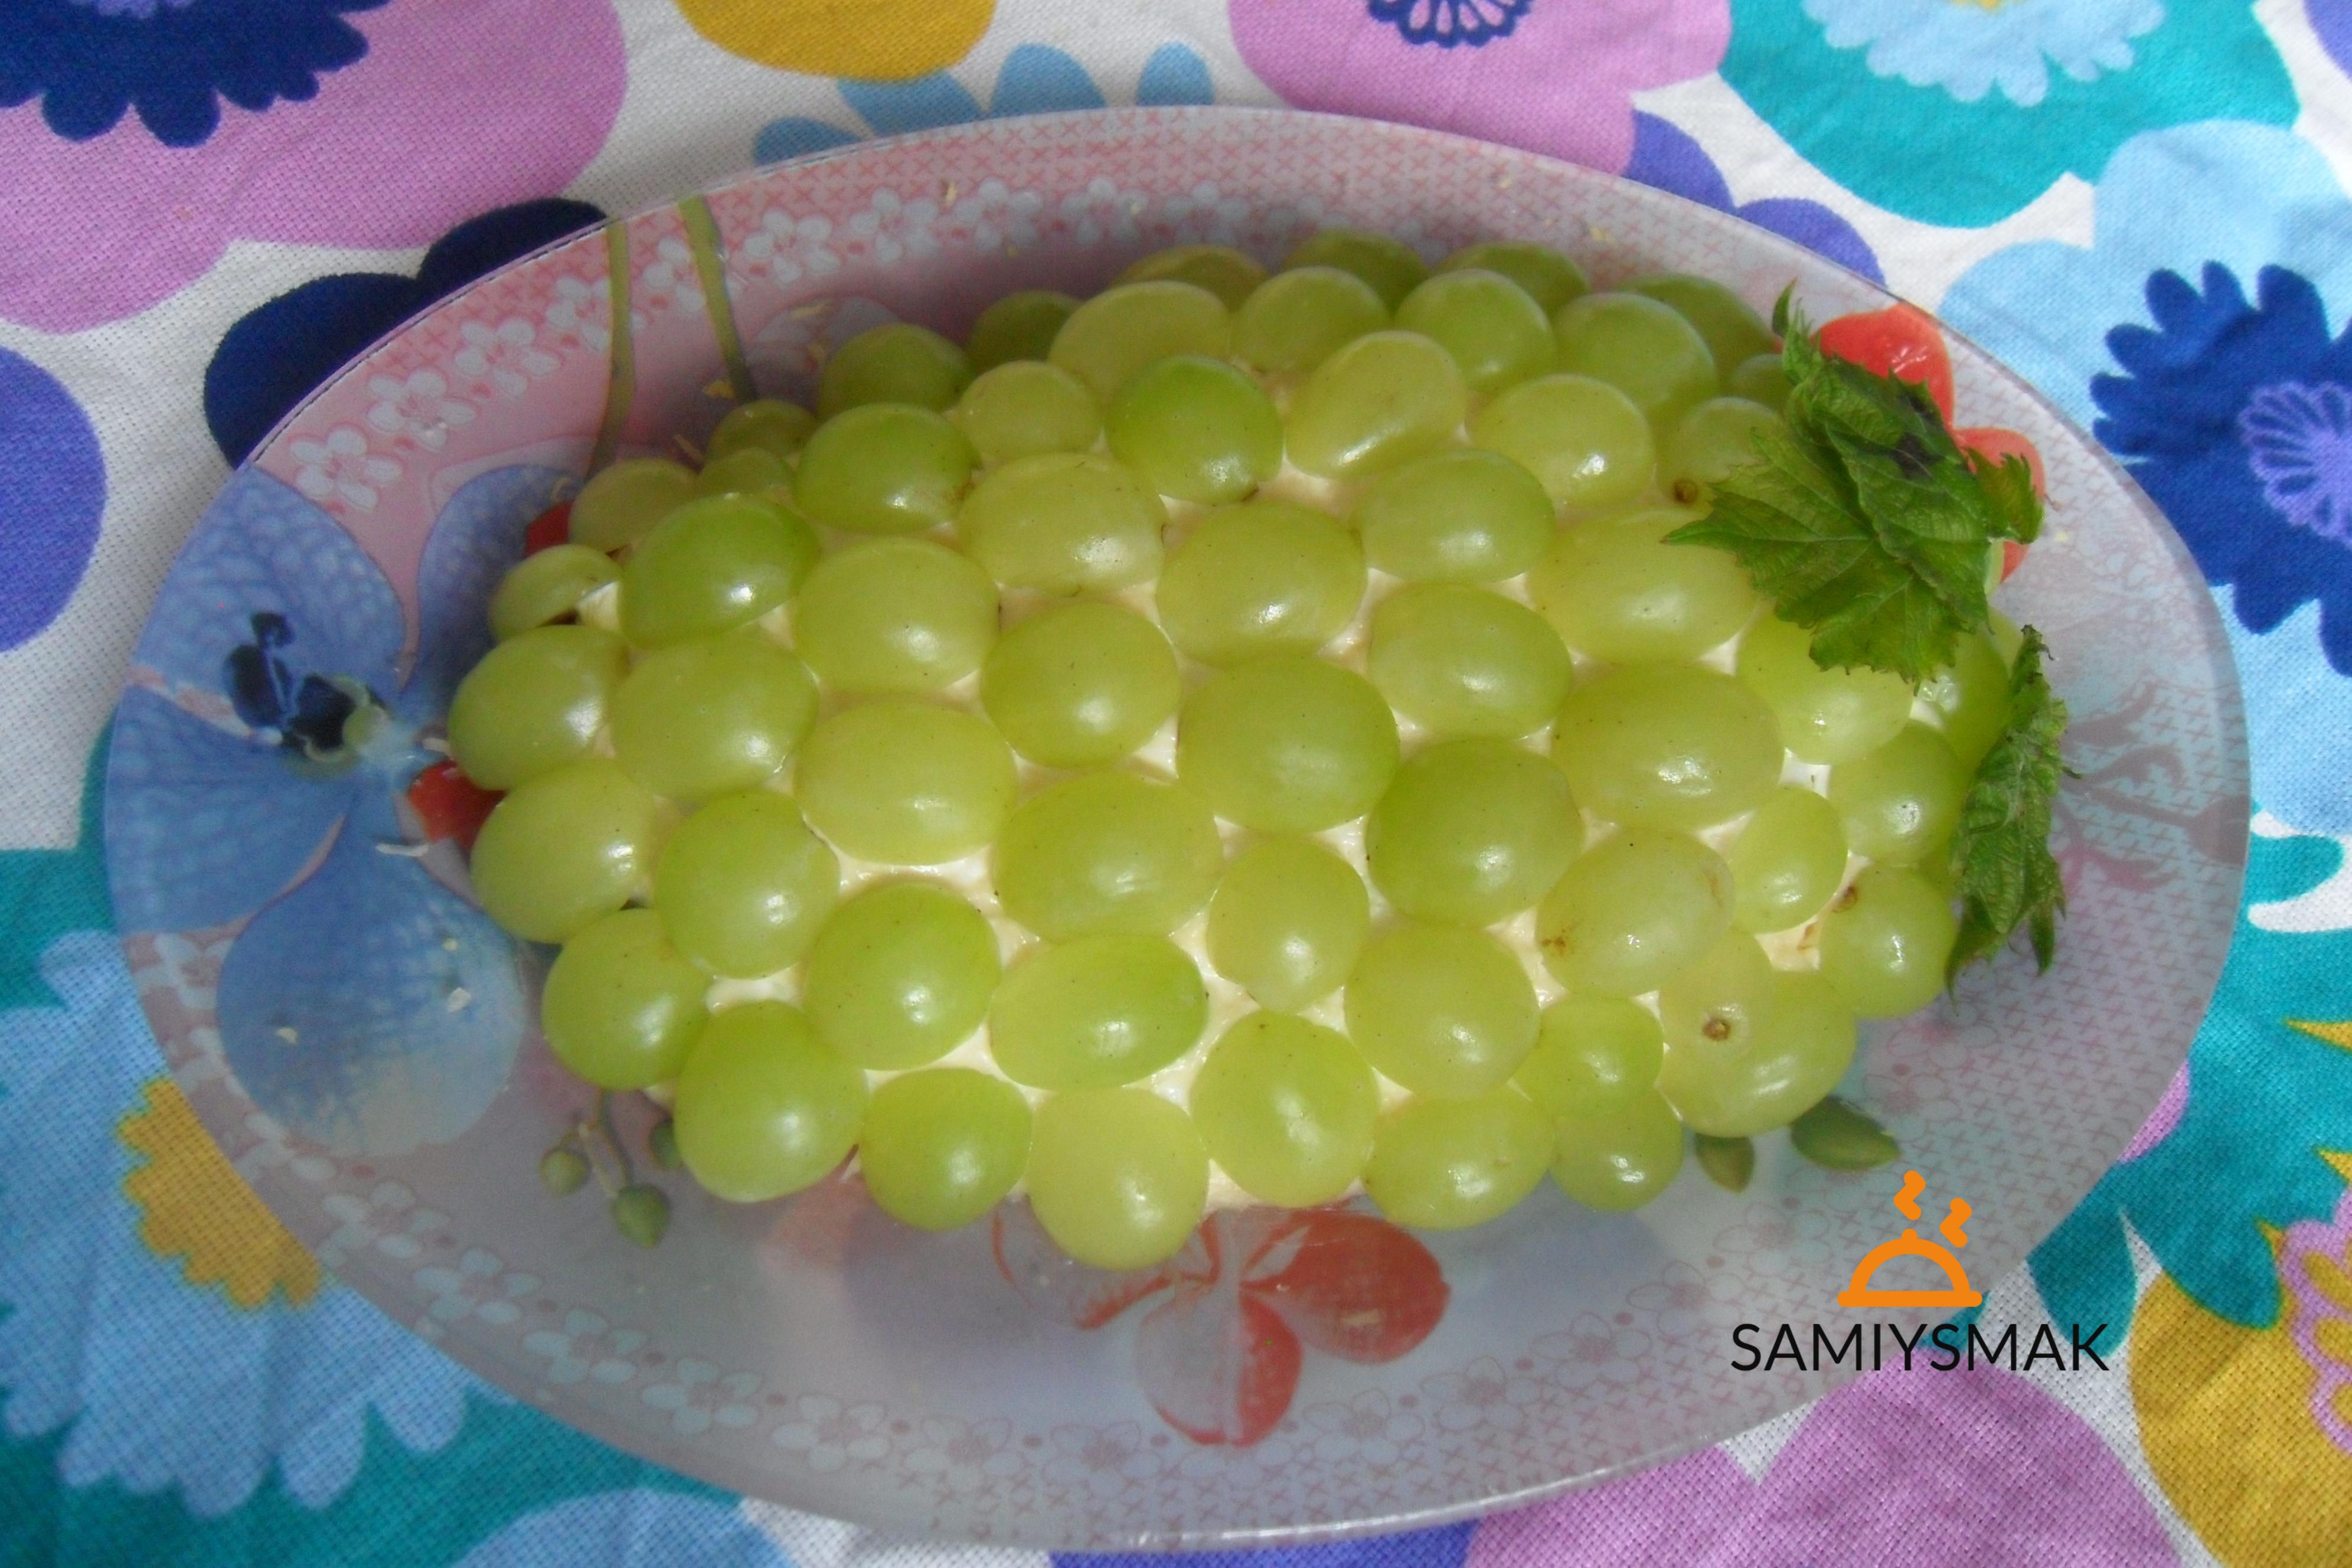 Салат в виде грозди виноградной